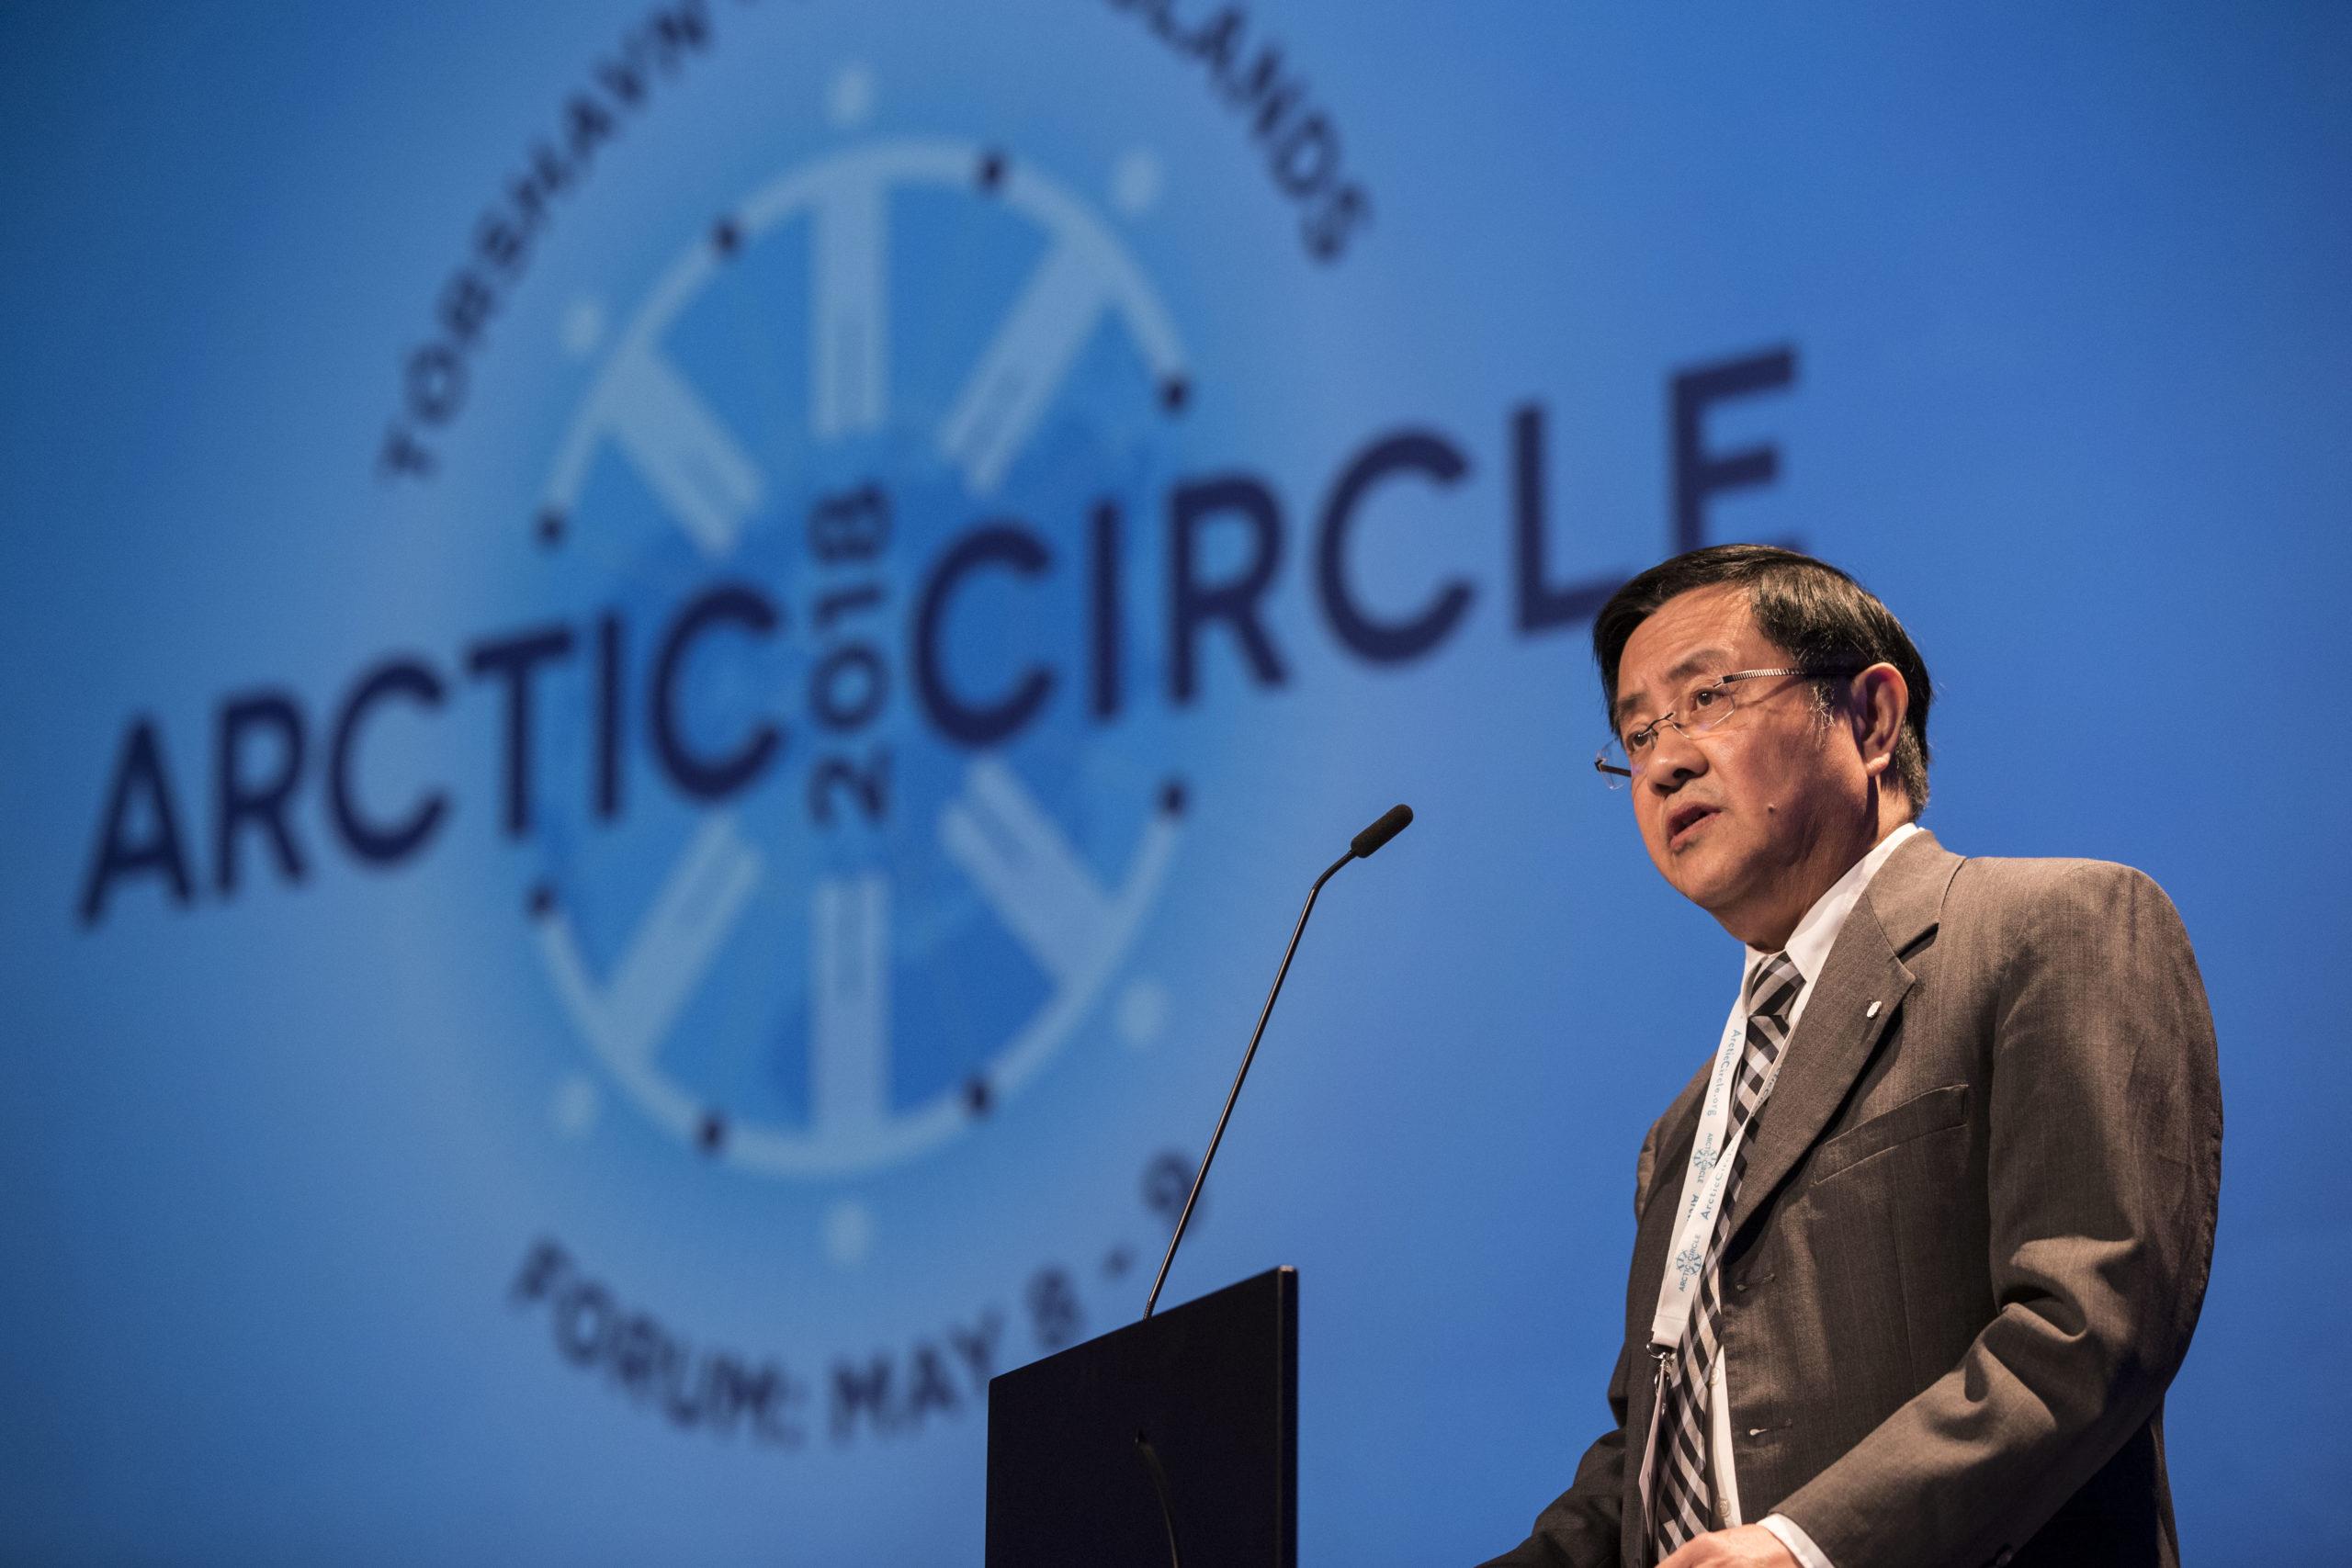 Gao Feng, Special Representative for Arctic Affairs